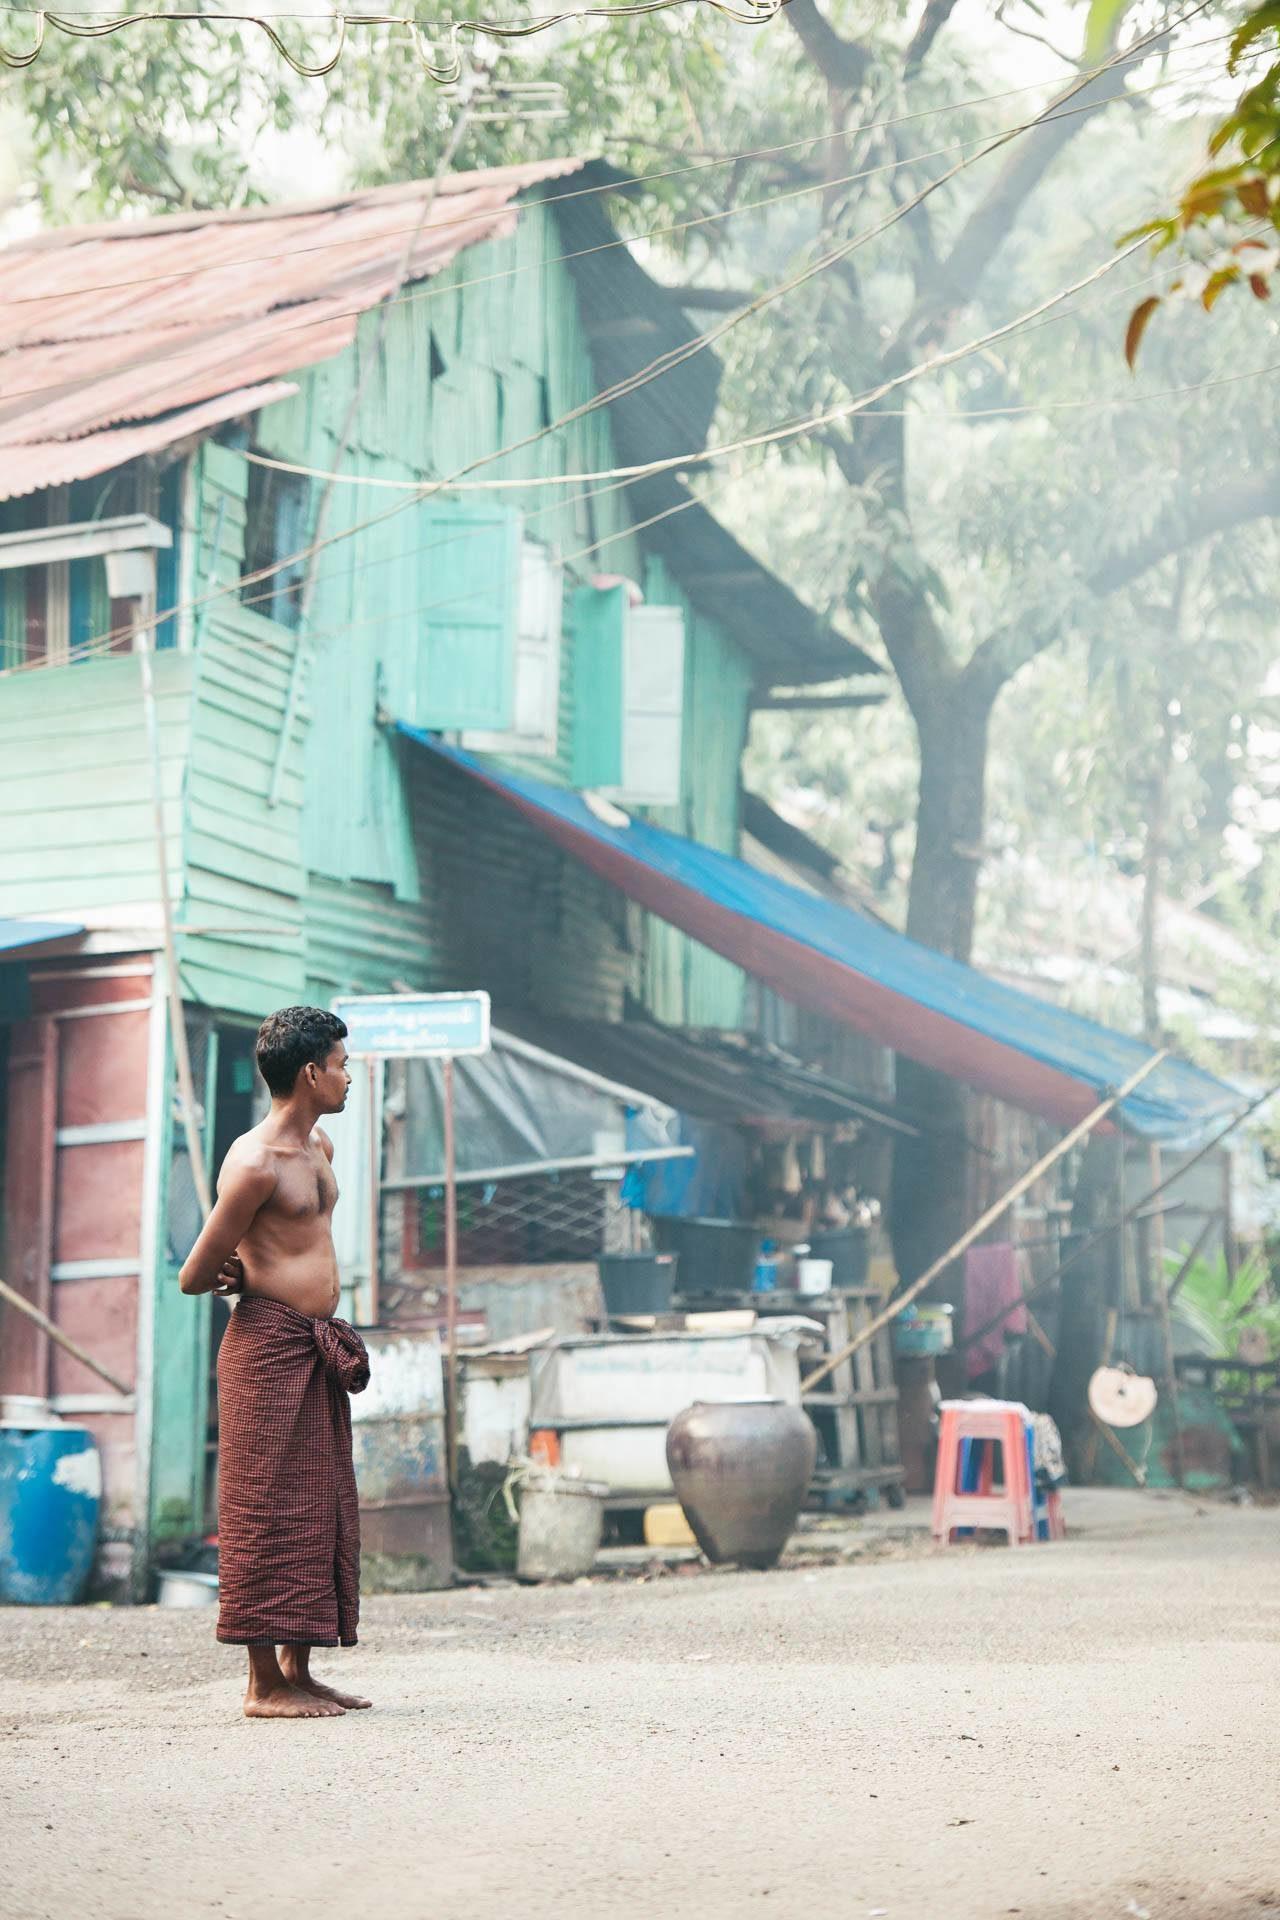 Mann, oberkörperfrei, vor Haus Myanmar Fotostory von Redeleit und Junker